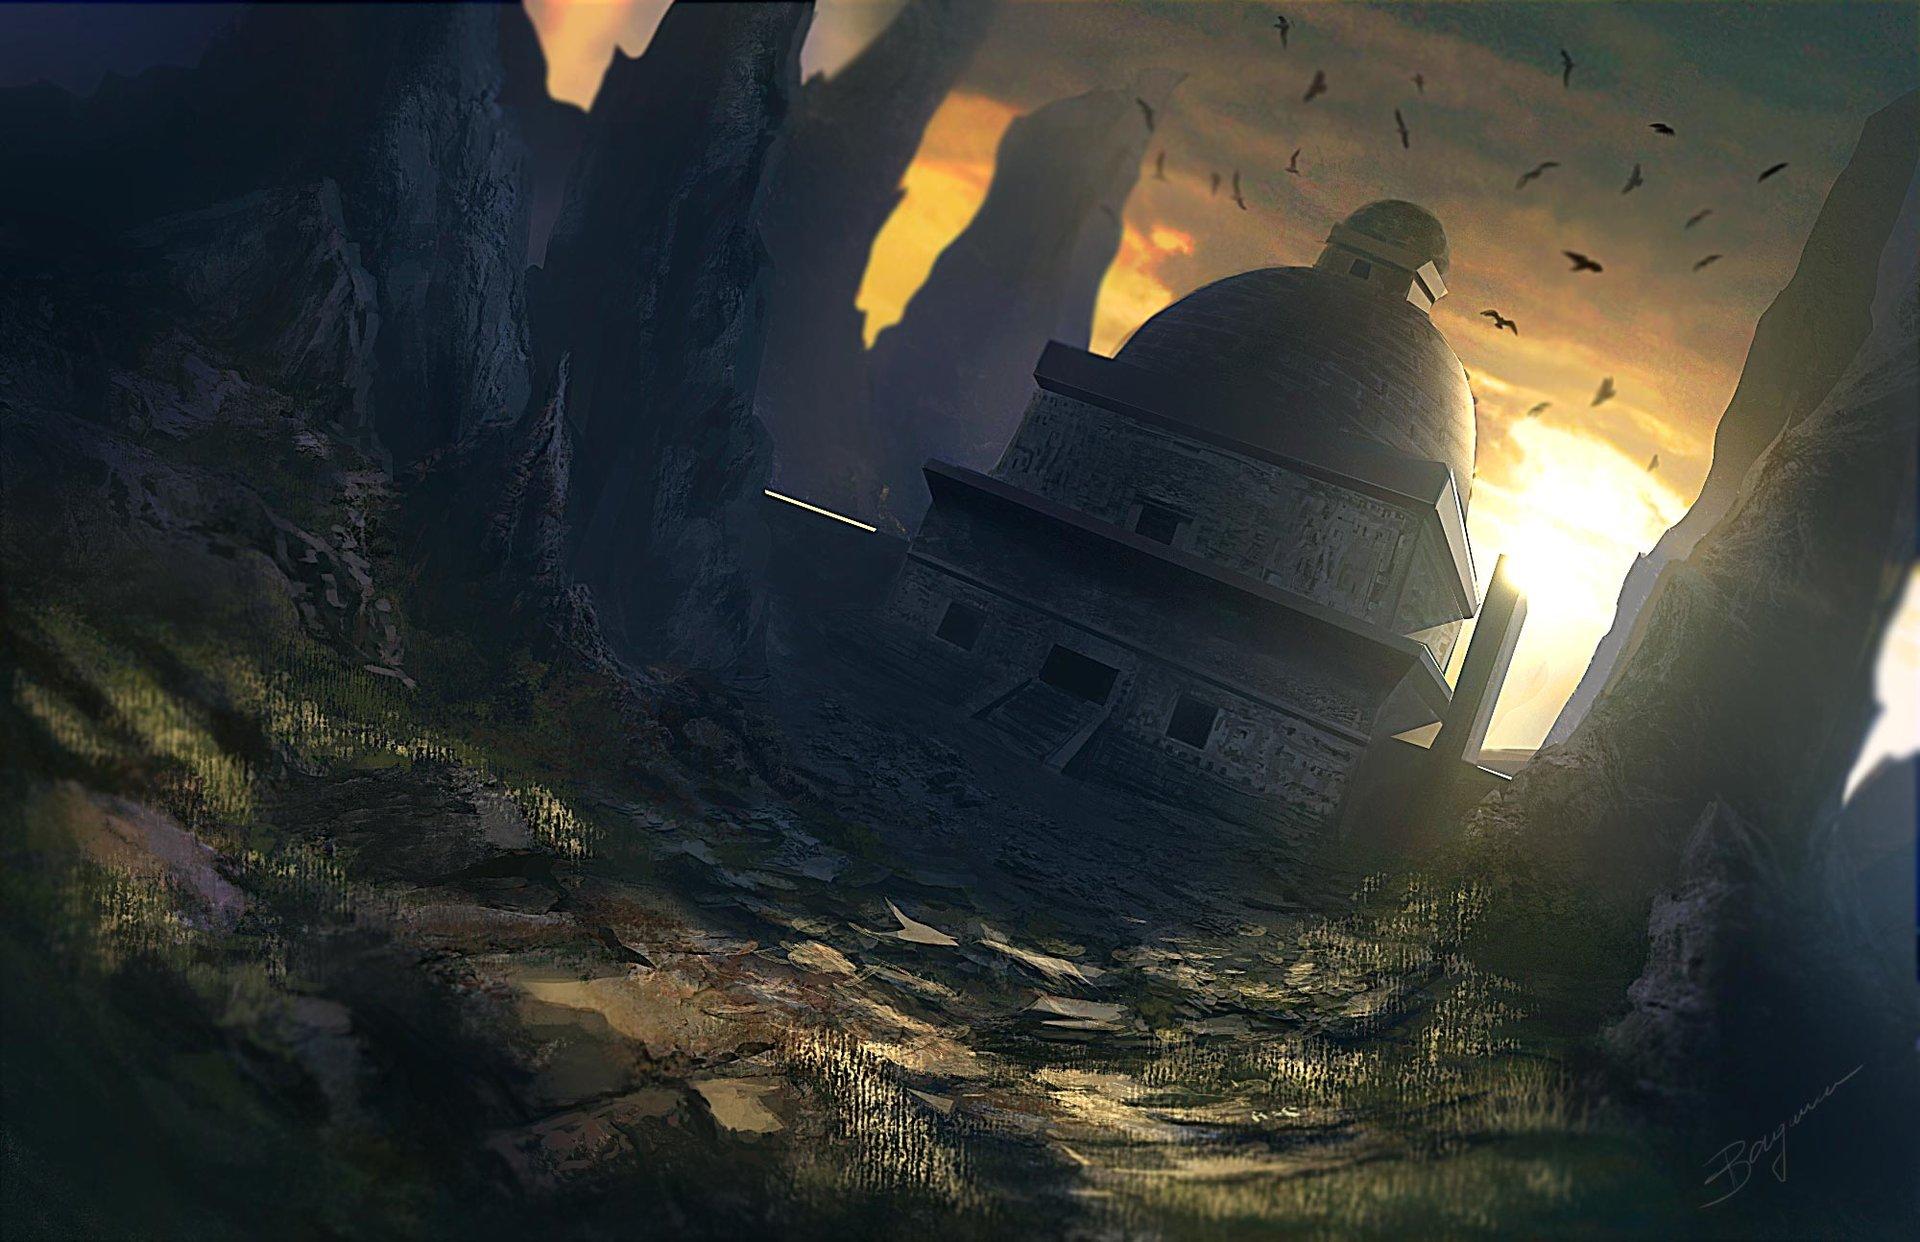 Nicolas chacin temple1